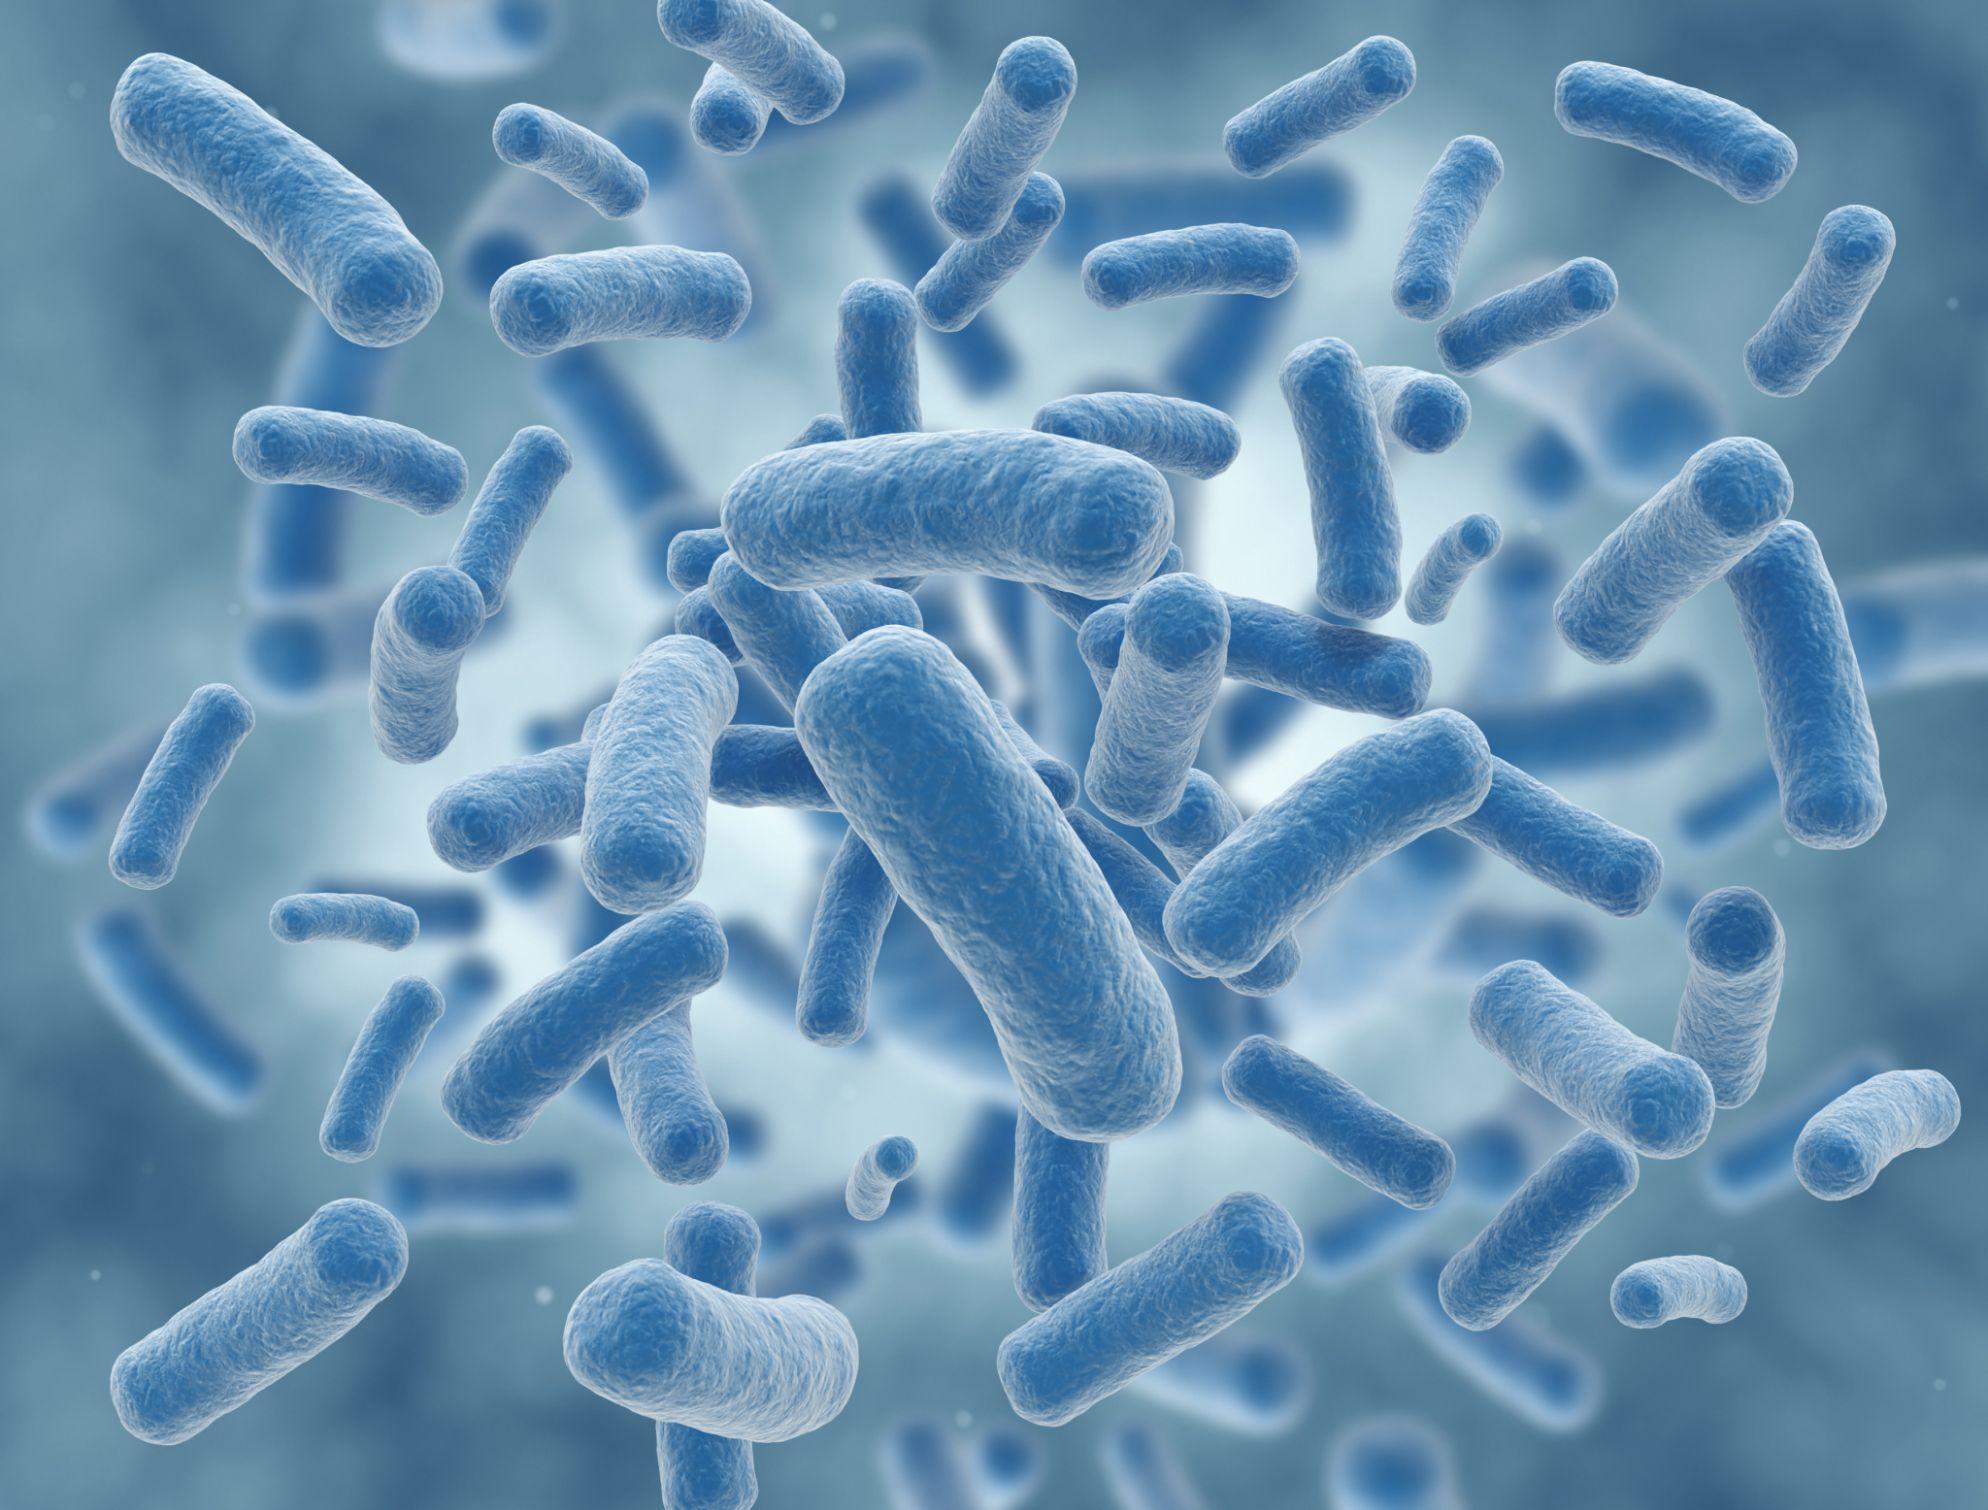 Anti-bacterial Brand & Sampling Solutions